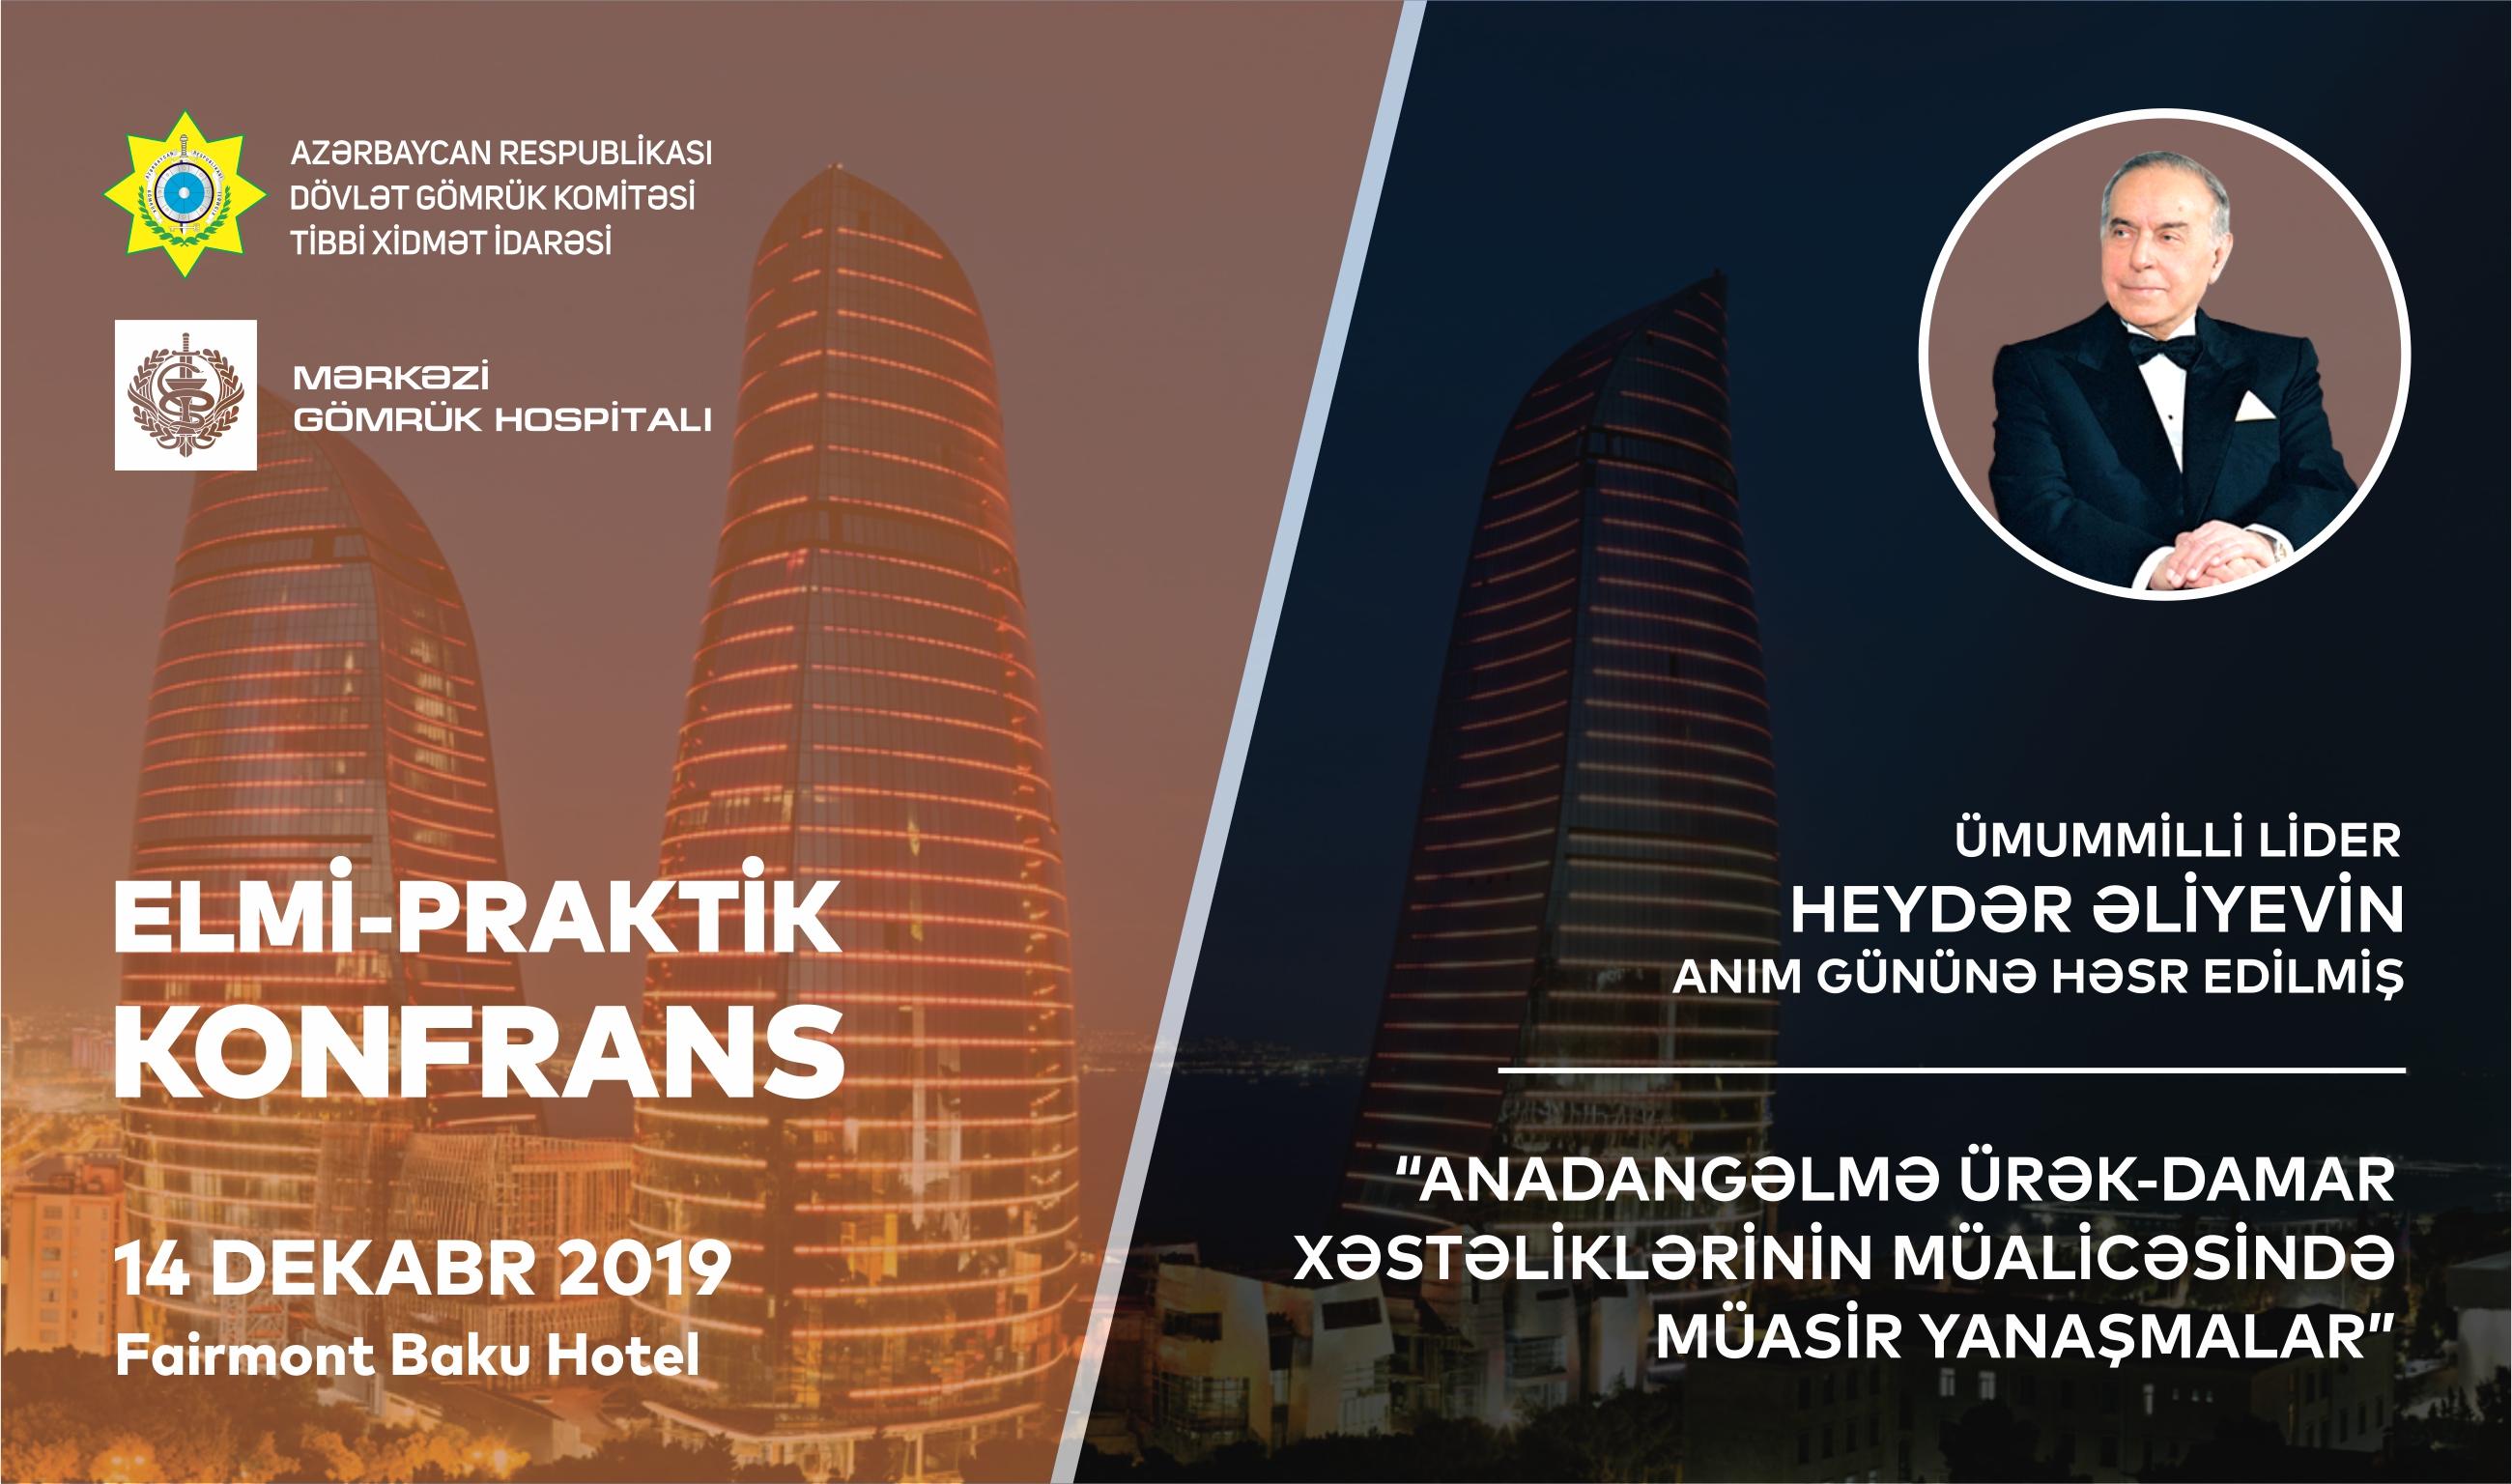 В Баку состоится научно-практическая конференция, посвященная дню памяти Общенационального лидера Гейдара Алиева